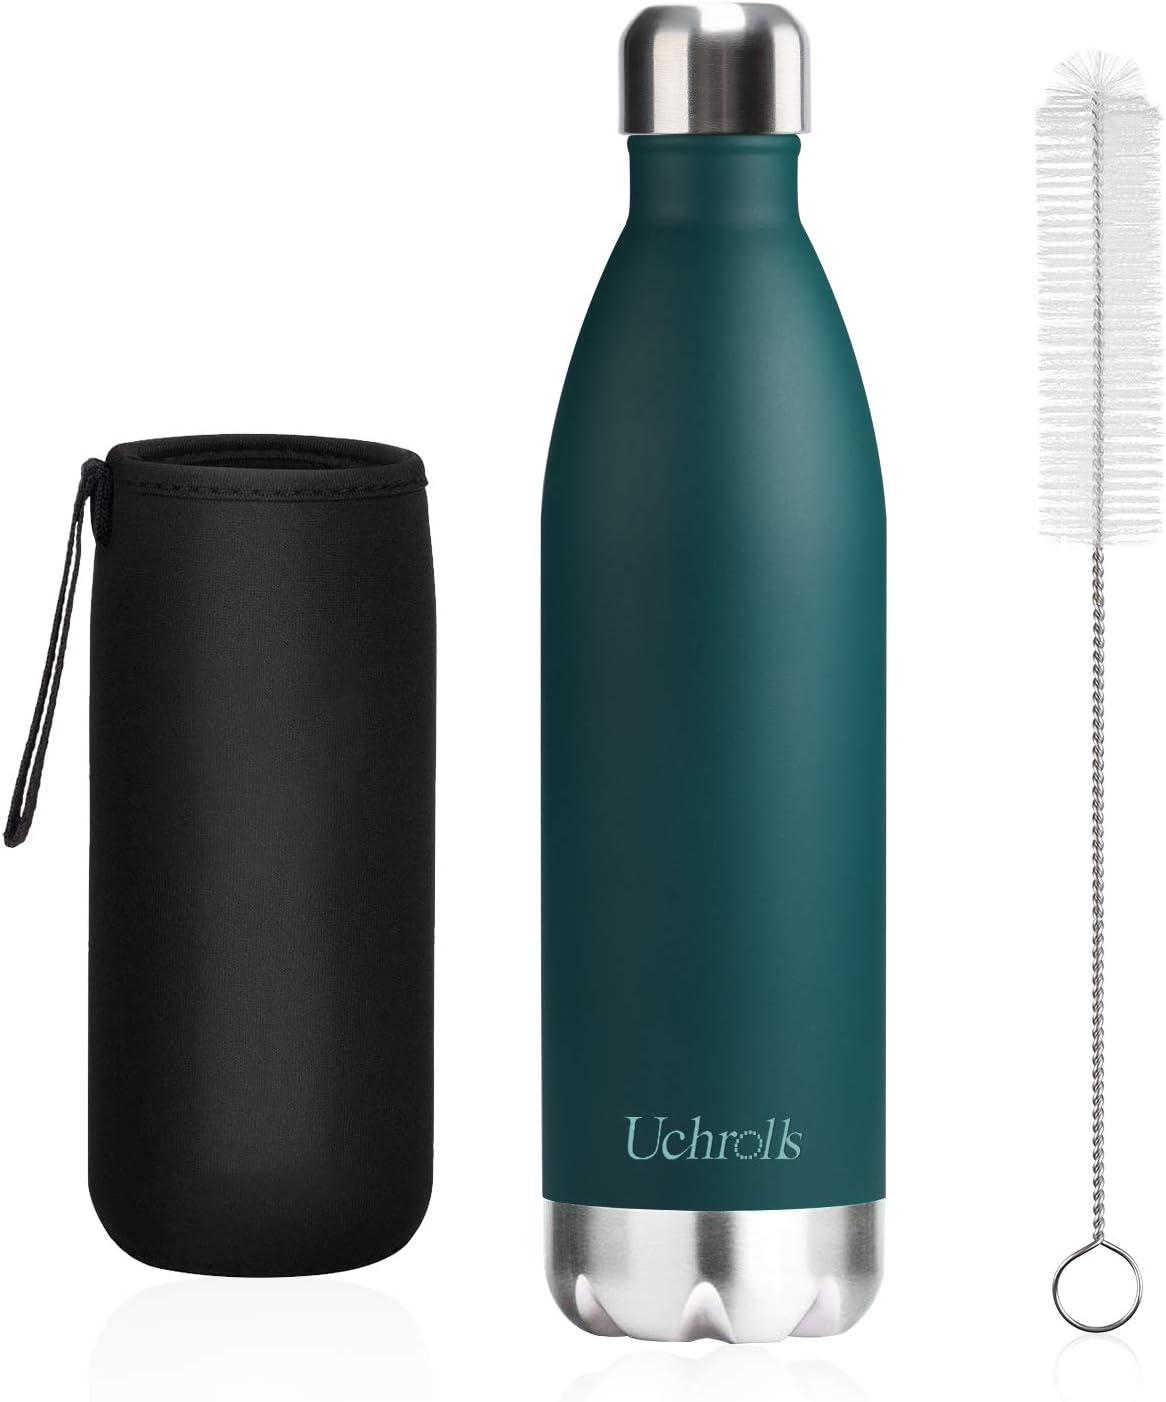 Uchrolls Botella de Agua aislada al vacío de Acero Inoxidable, 500ml, diseño de Pared Doble para Mantener Sus Bebidas Caliente y Fría, BPA Gratis, Ideal Botella de Agua Deportiva